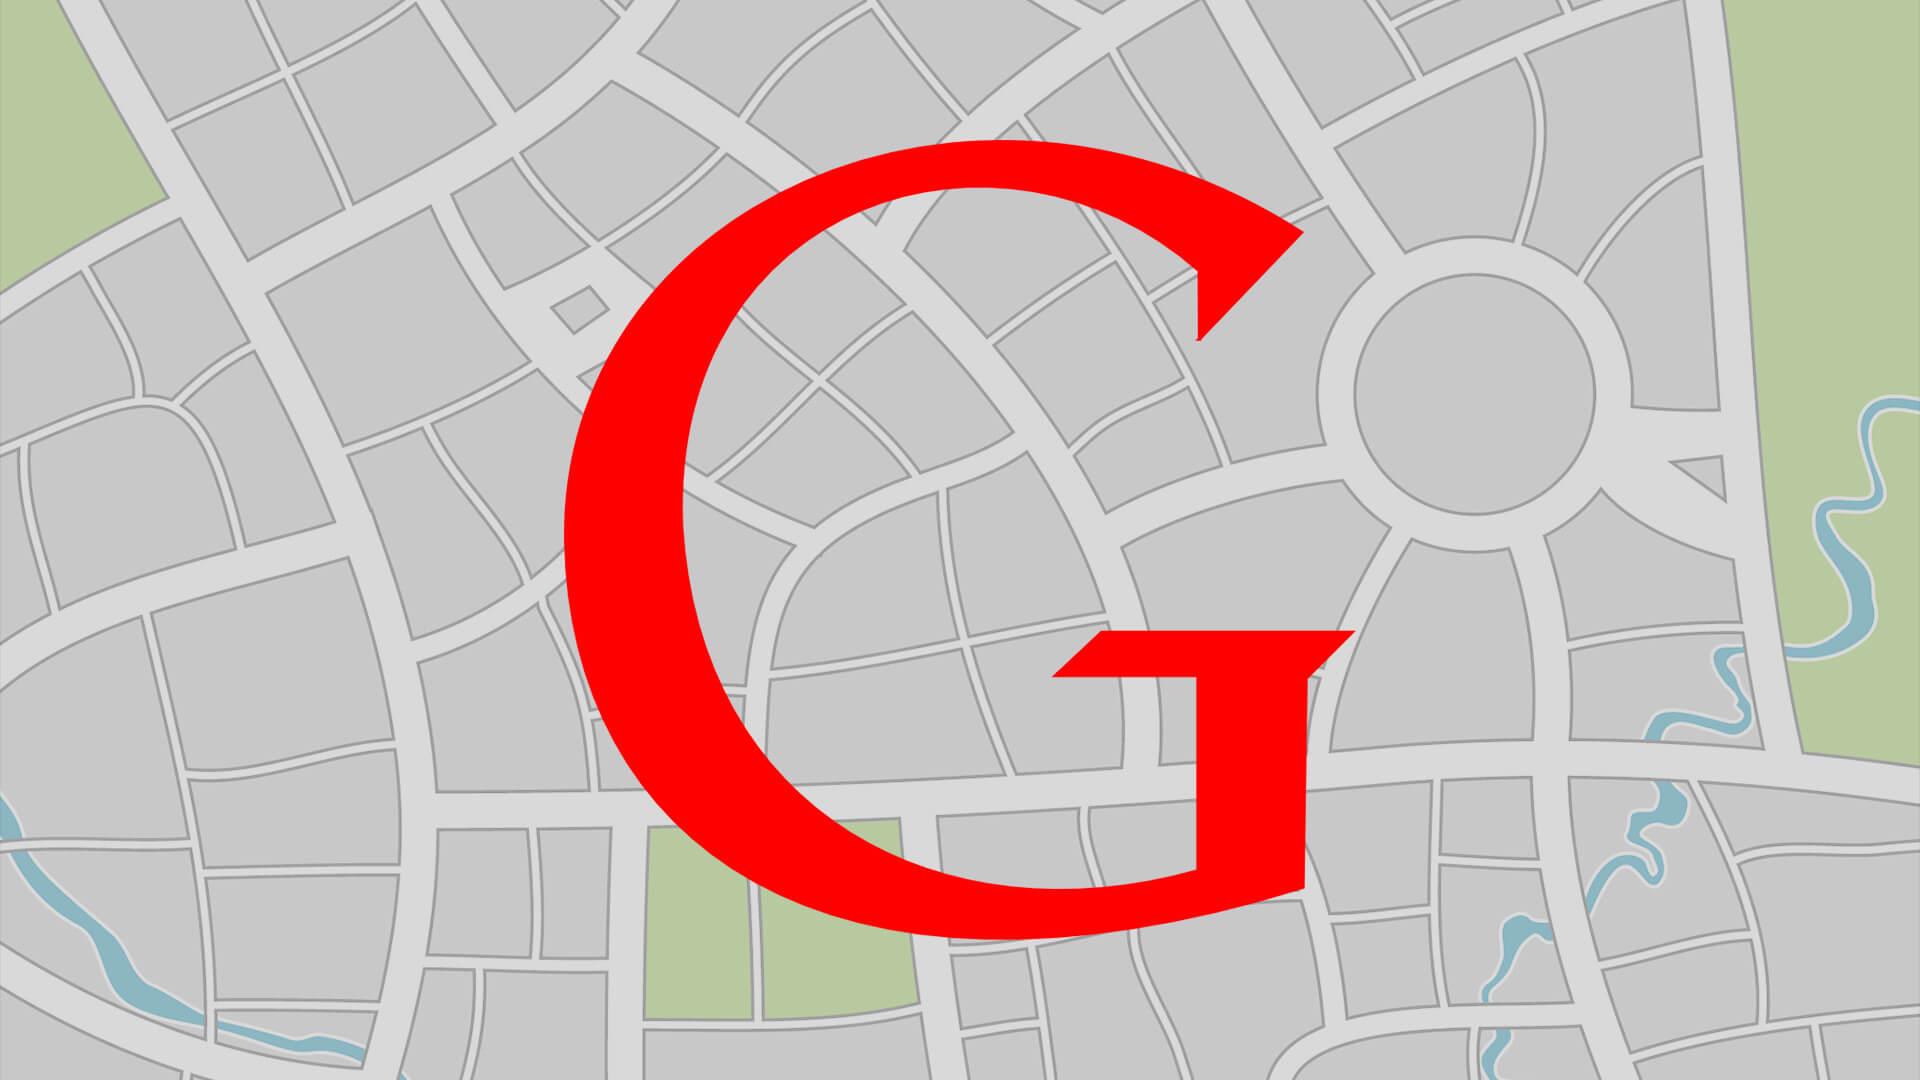 Después de varios hacks públicos de Google Maps, Google se vio obligado a suspender Map Maker para evitar más ediciones falsas